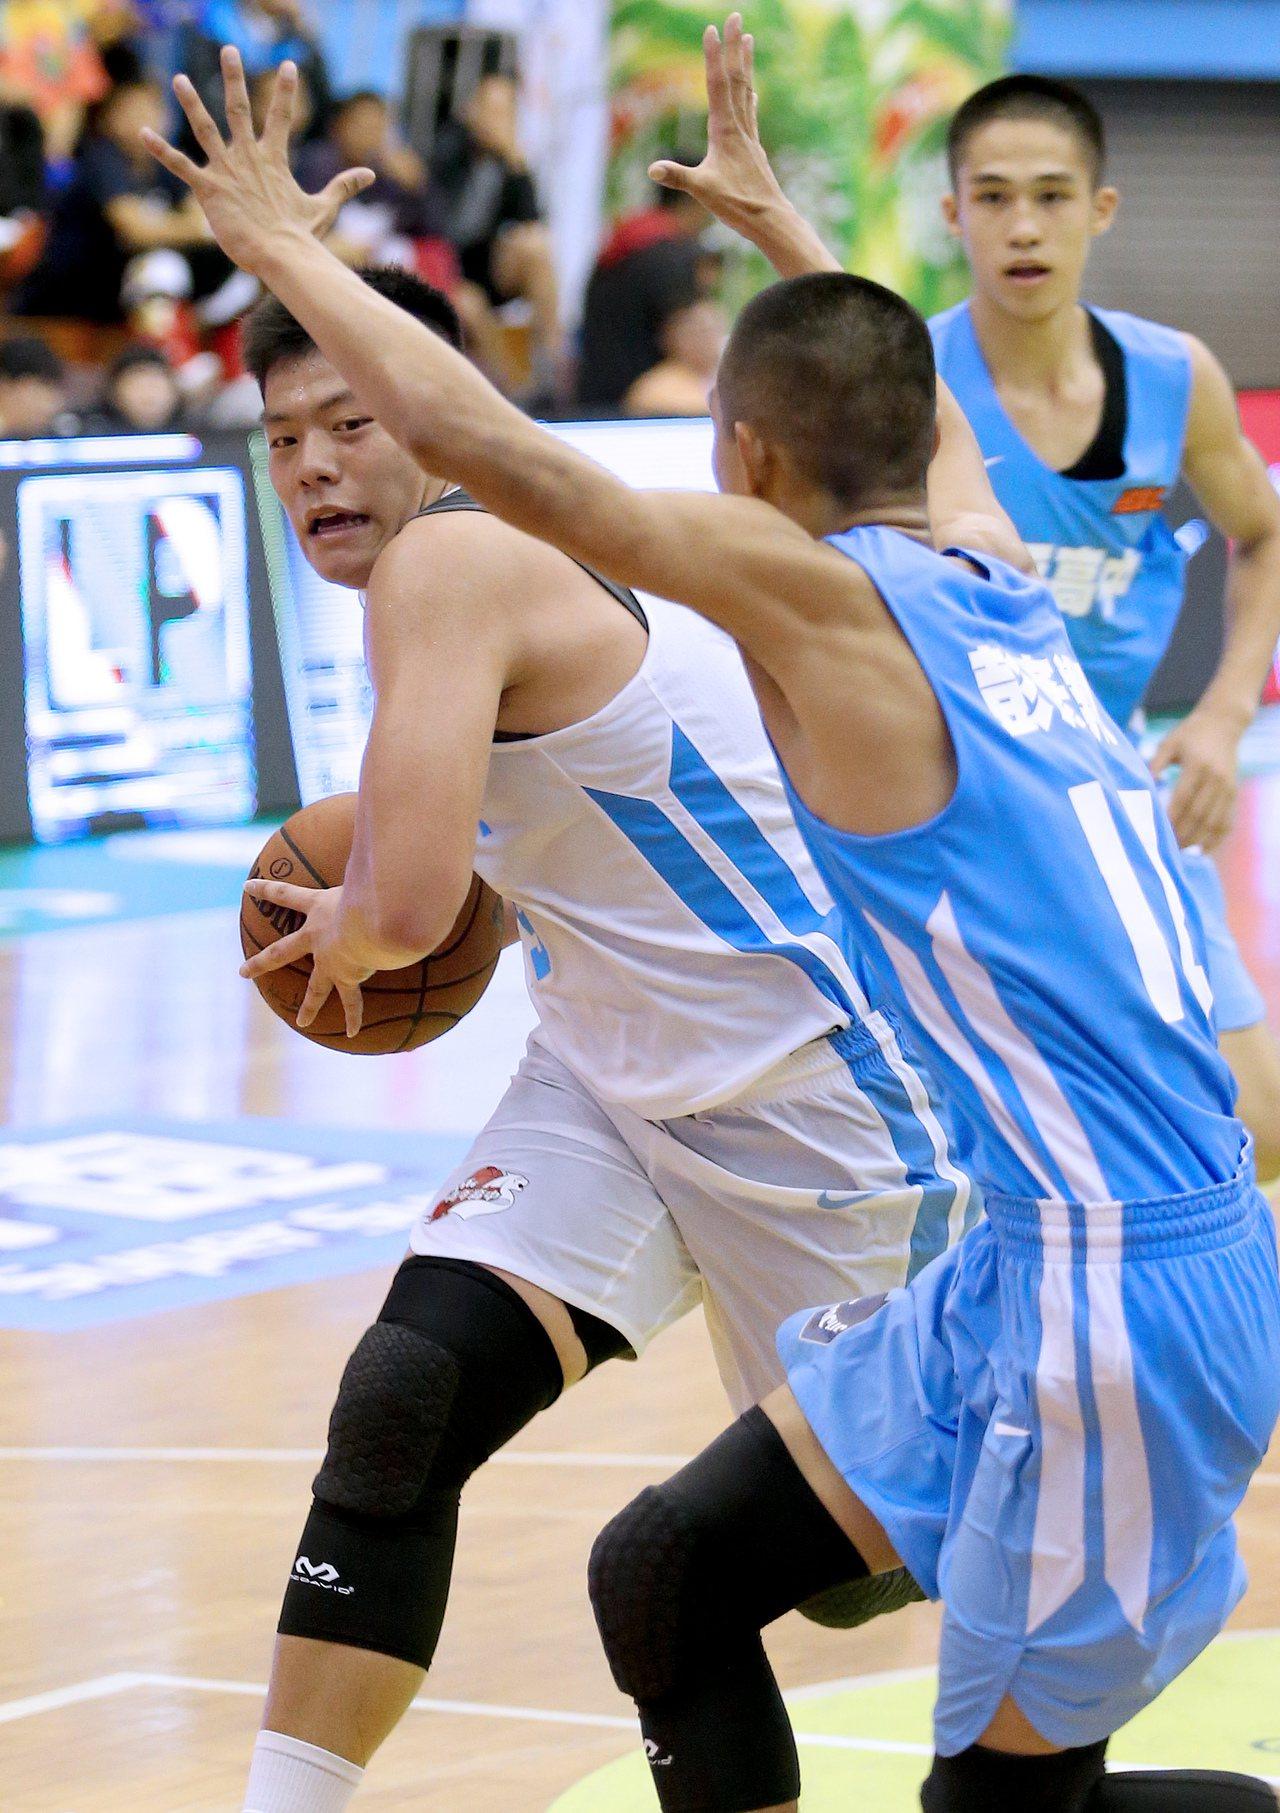 HBL108學年預賽,青年高中徐宇煇(左)繳出23分、10籃板的雙十成績。記者余...